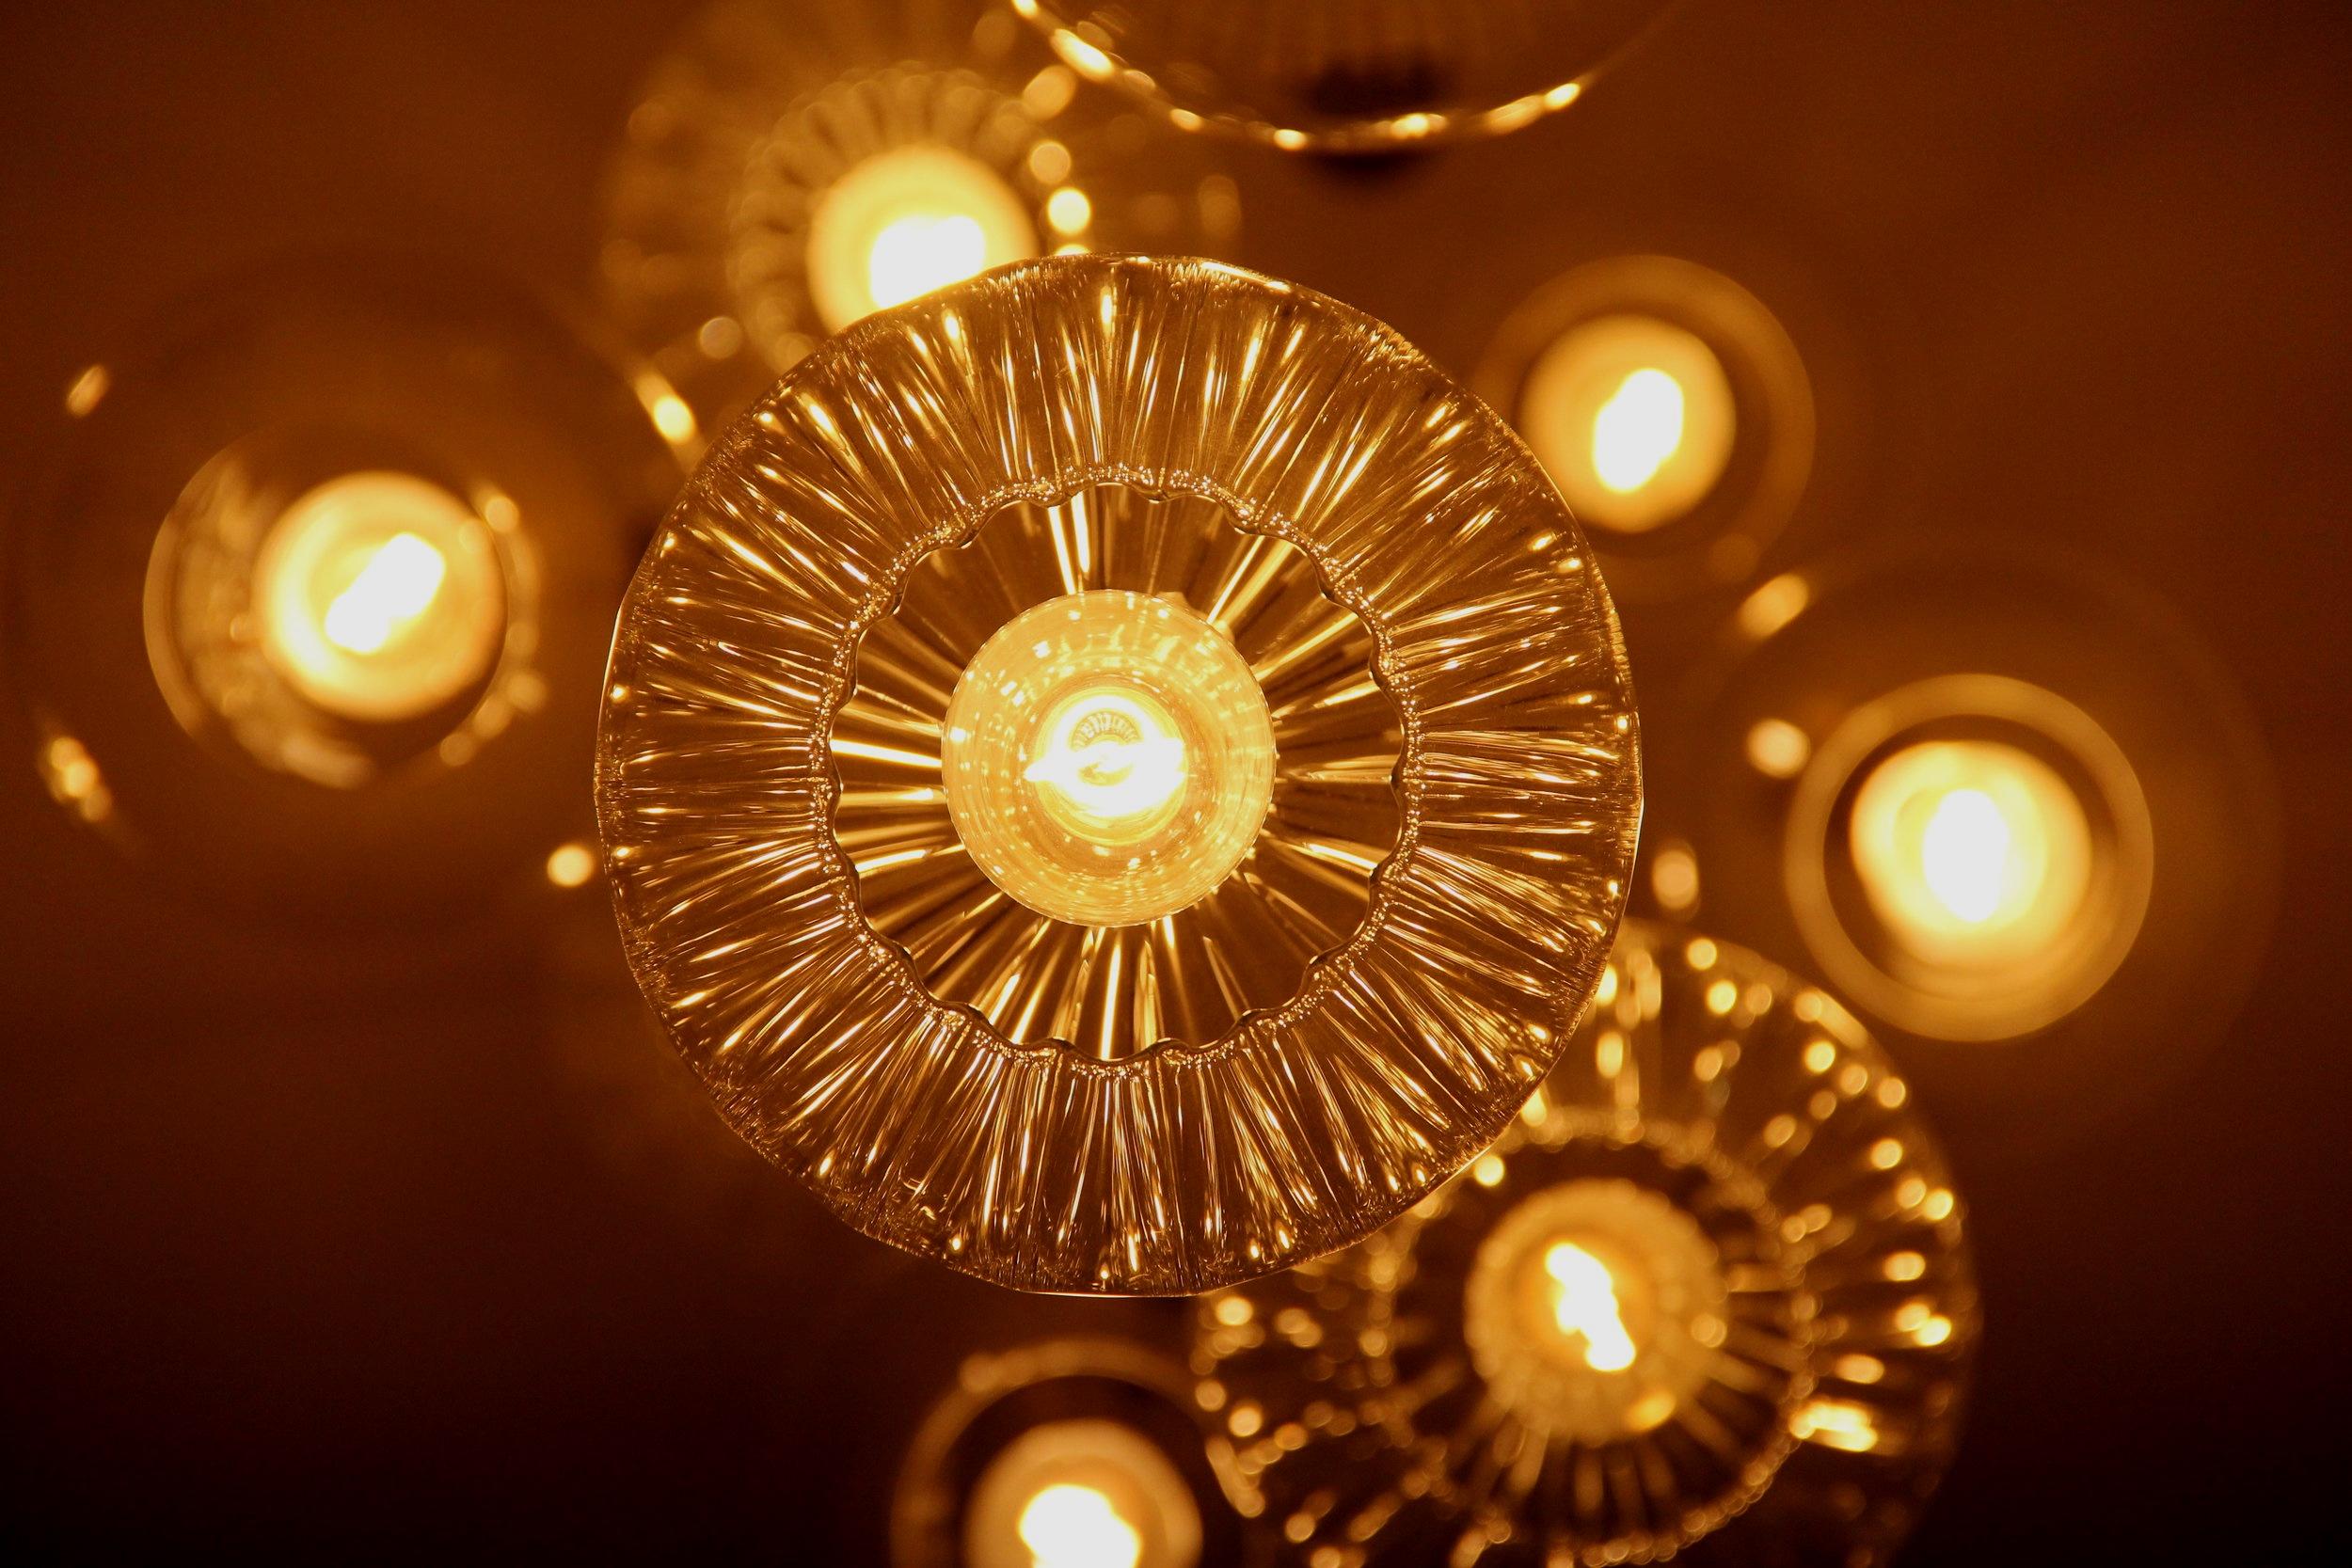 eleanor-bell-residential-lighting-design-and-bespoke-lighting